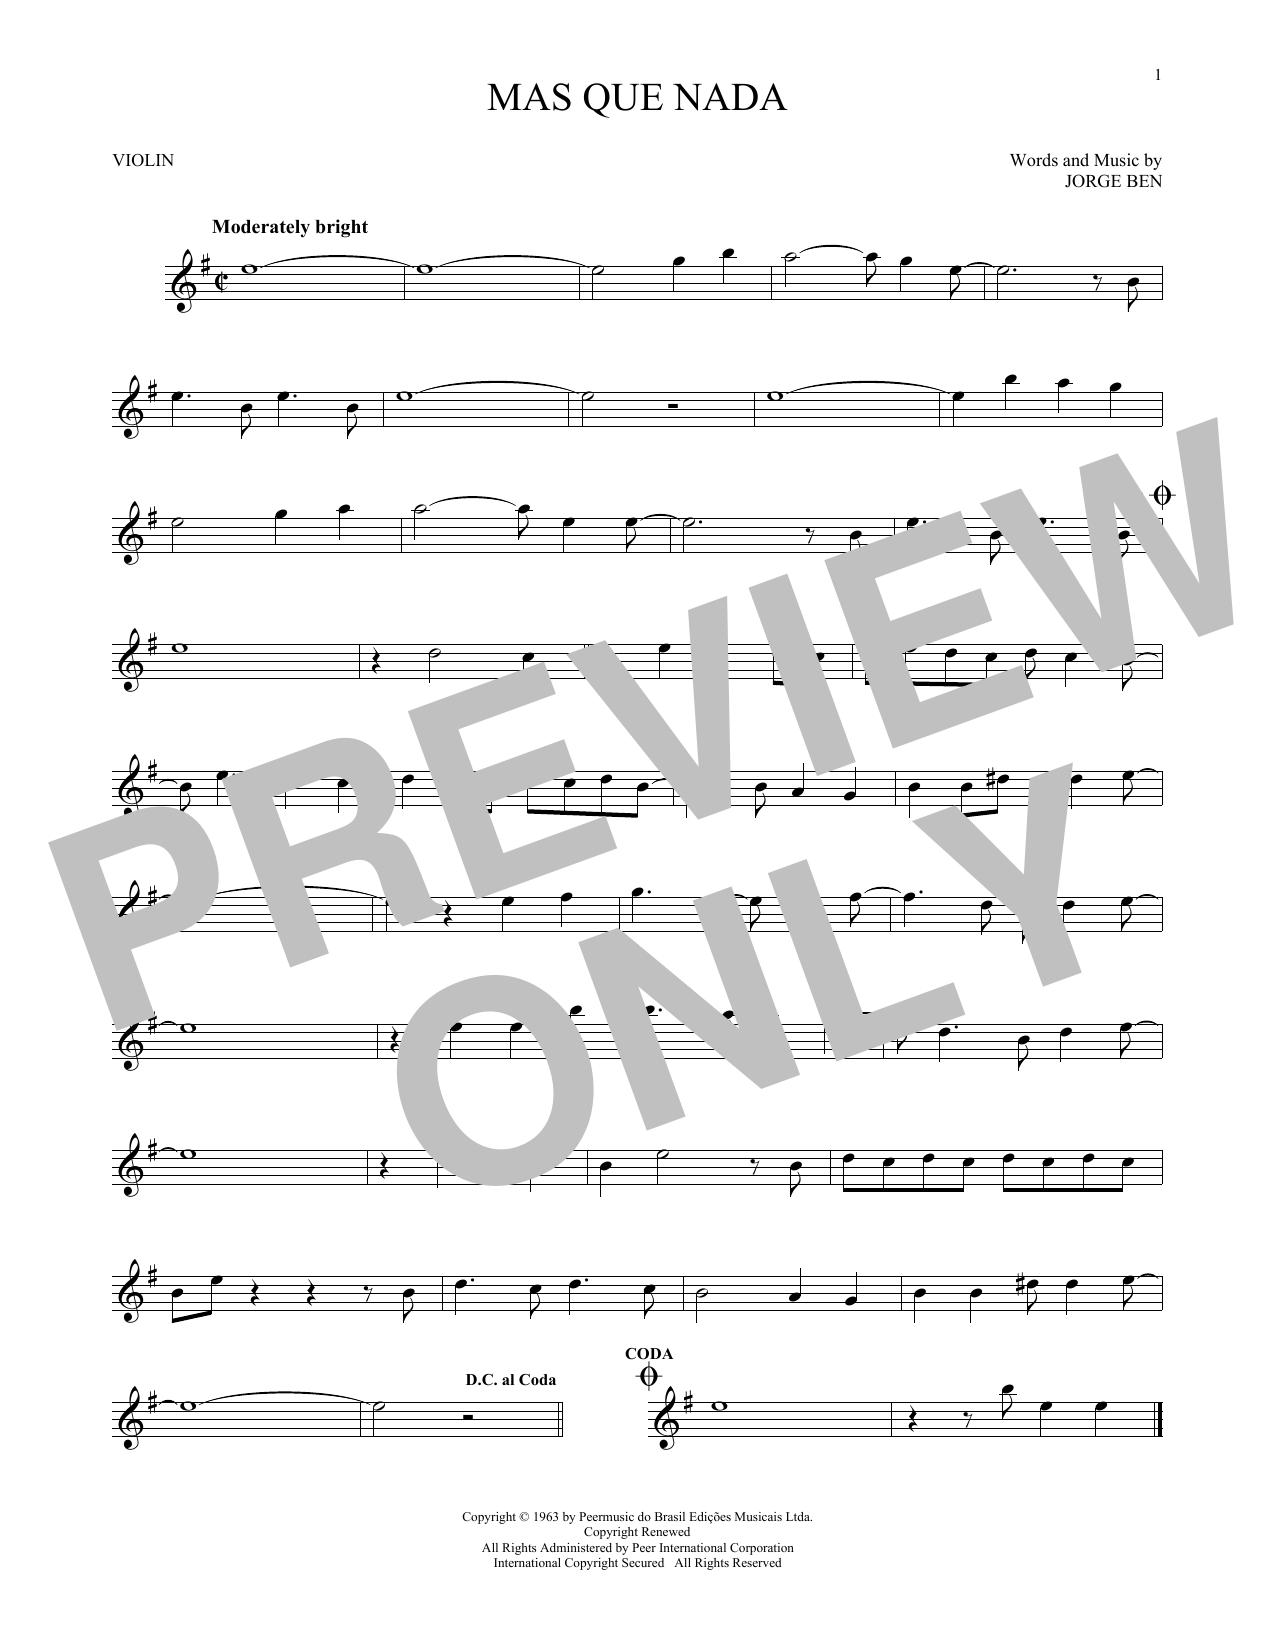 Mas Que Nada (Violin Solo)